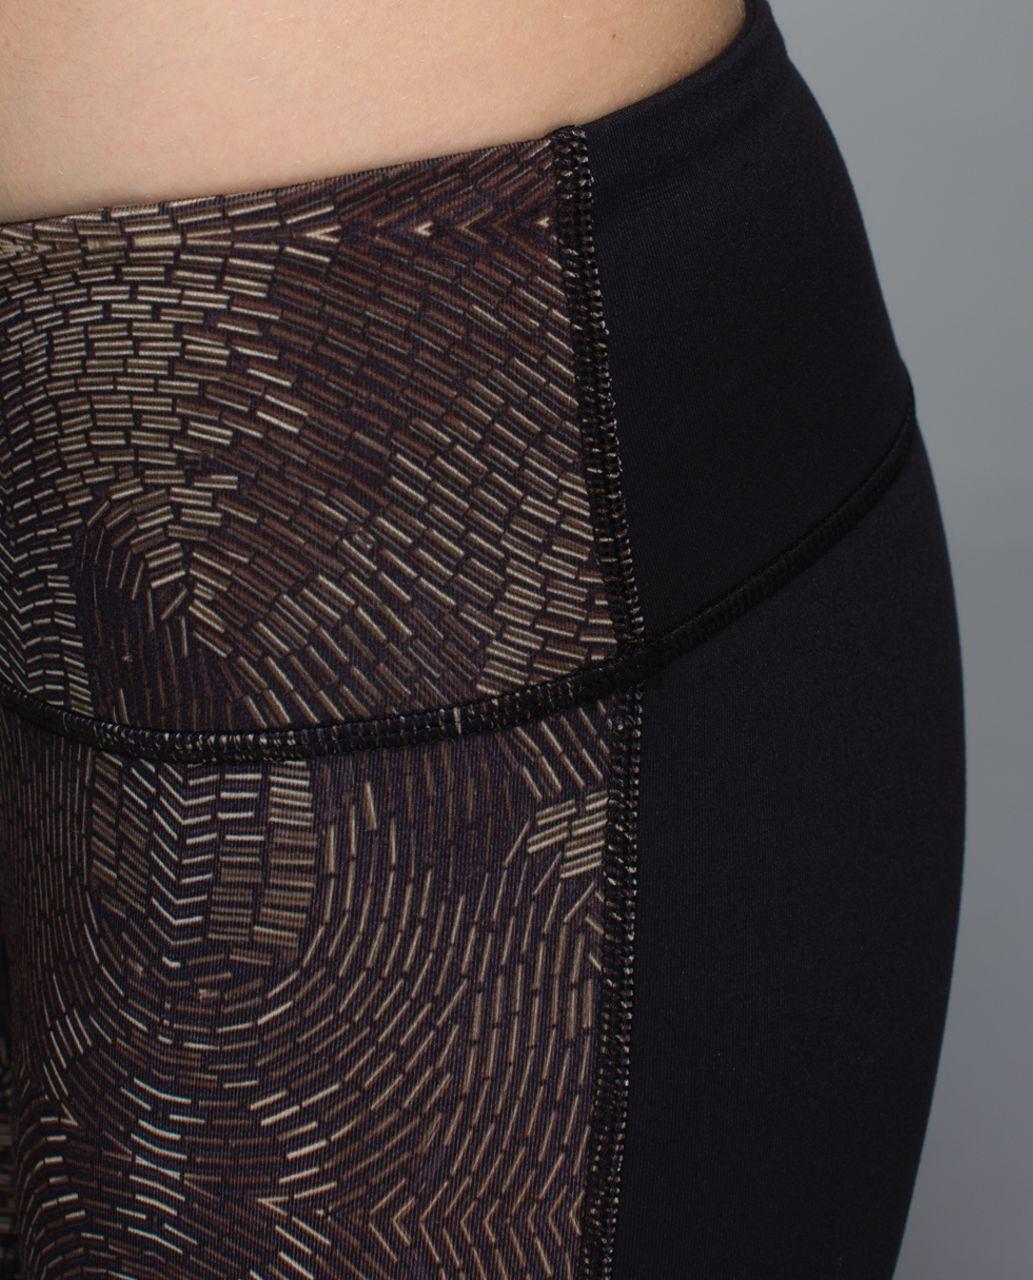 Lululemon Wunder Under Pant *Full-On Luon - Golden Godess Cashew Multi / Black